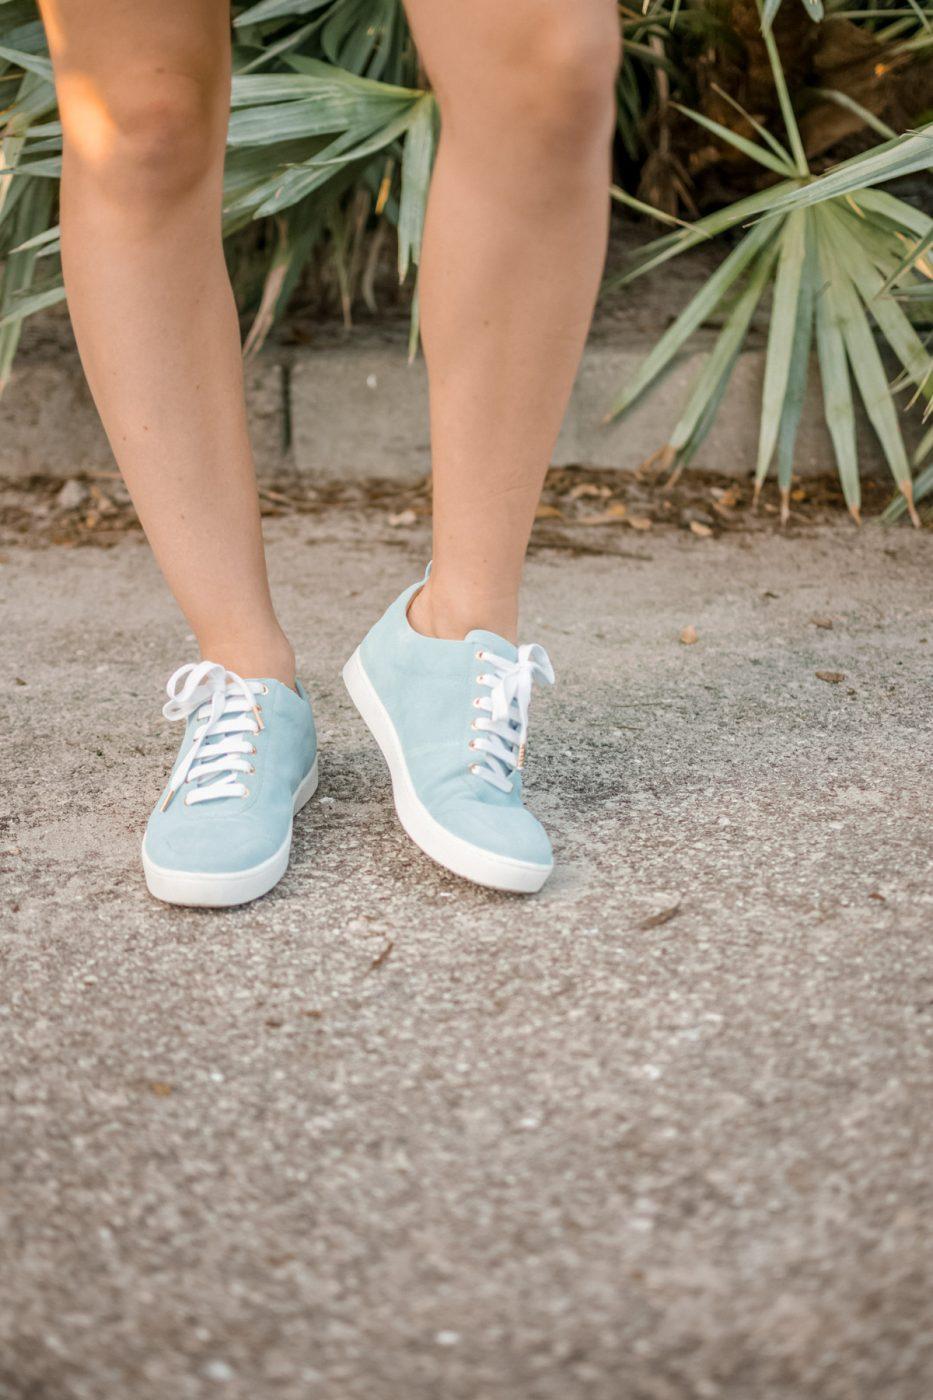 Shoes of Prey Tiber Sneakers - Sweet Teal